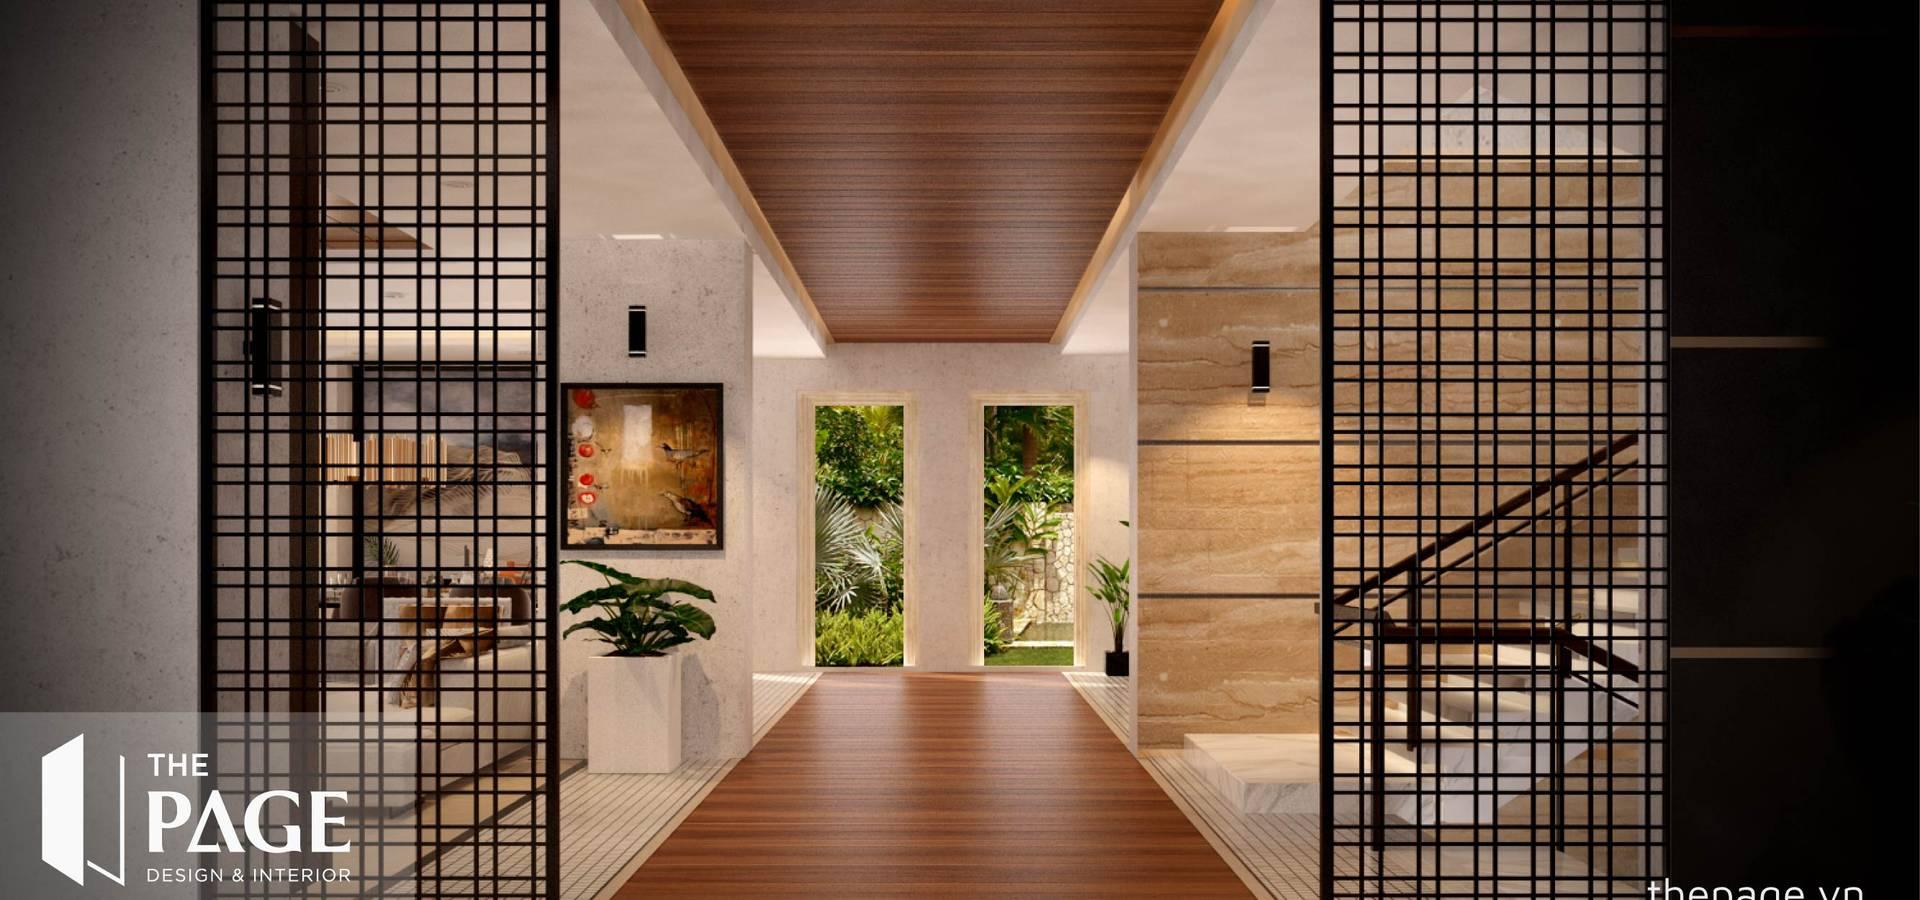 The Page Interior & Design